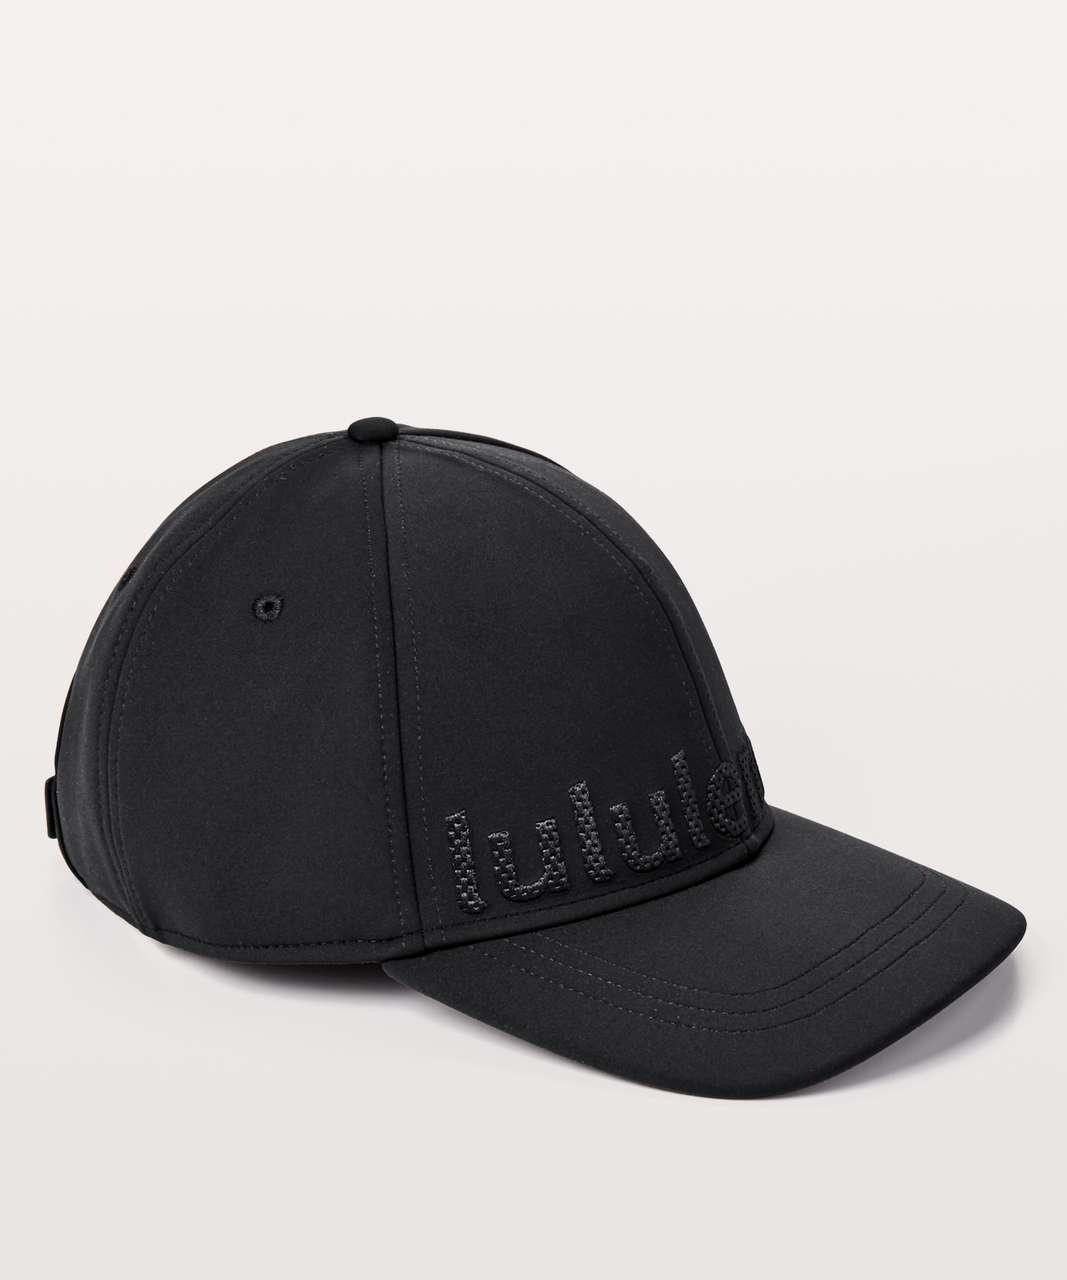 Lululemon Baller Hat *Squad - Black (First Release)